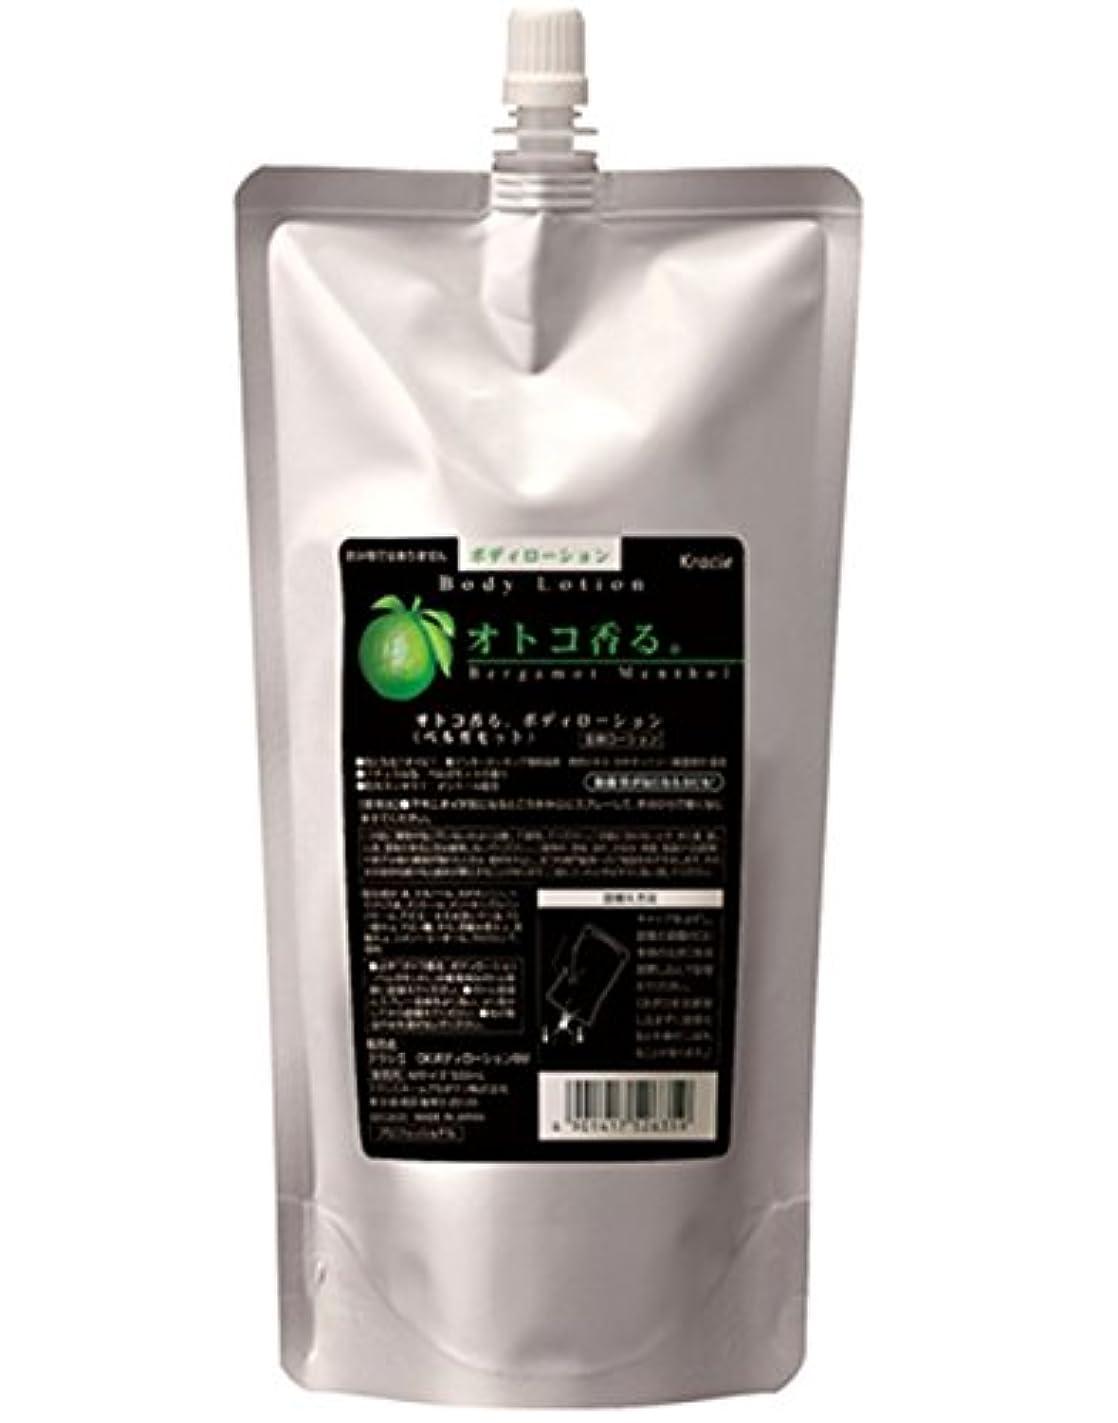 熱意滅多ホイップクラシエ オトコ香る ボディローション(ベルガモット) 500ml 詰替(レフィル)